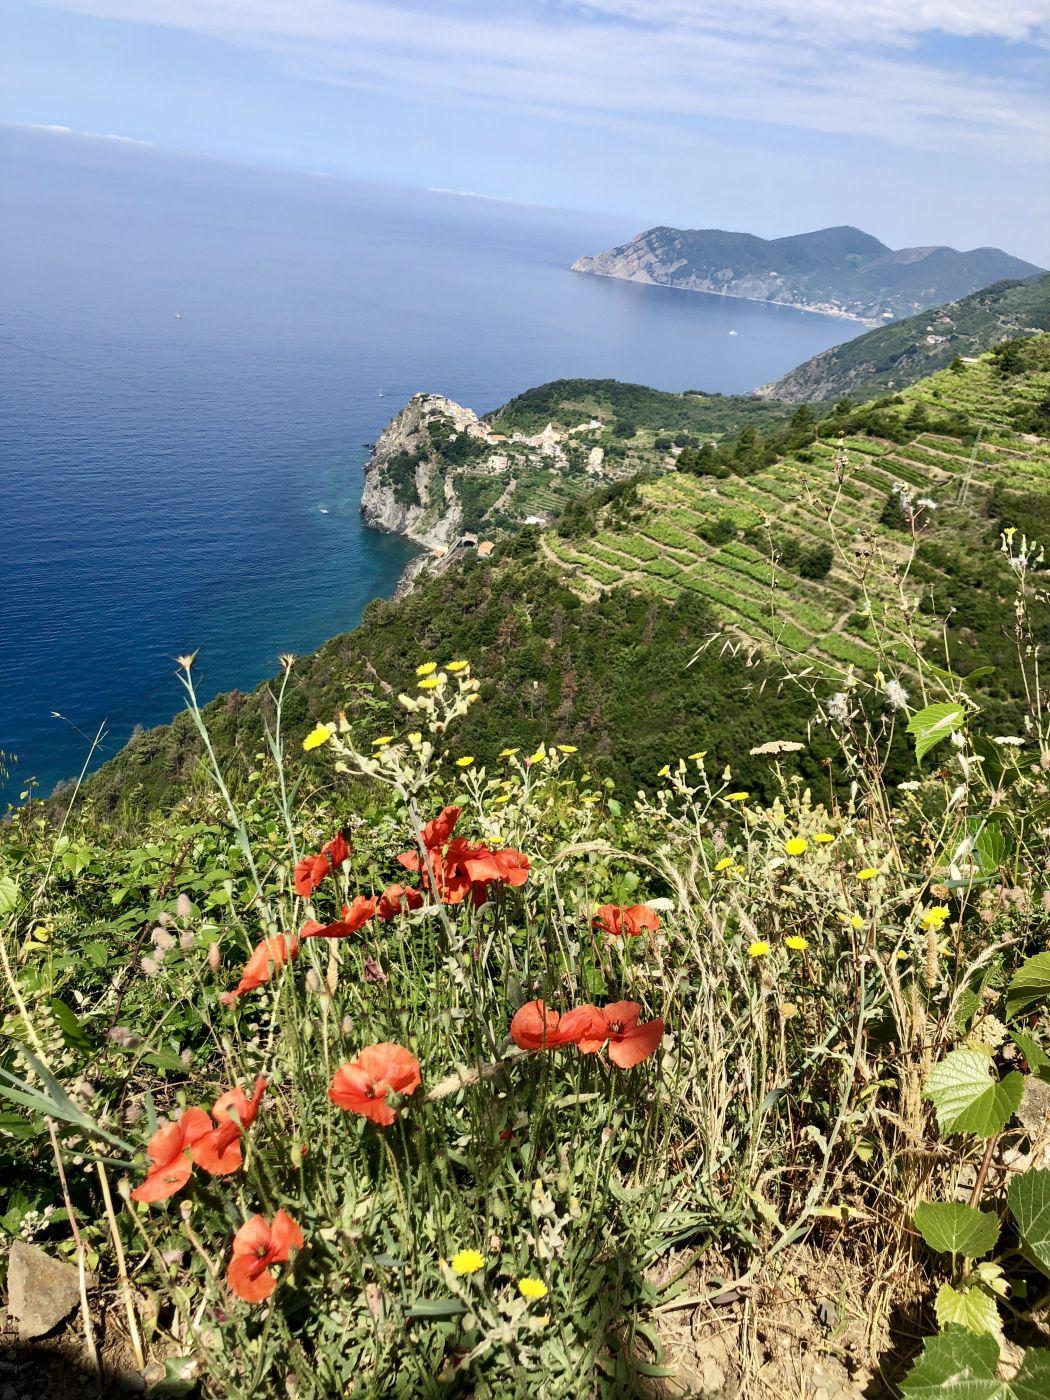 Paths above Riomaggiore, Italy